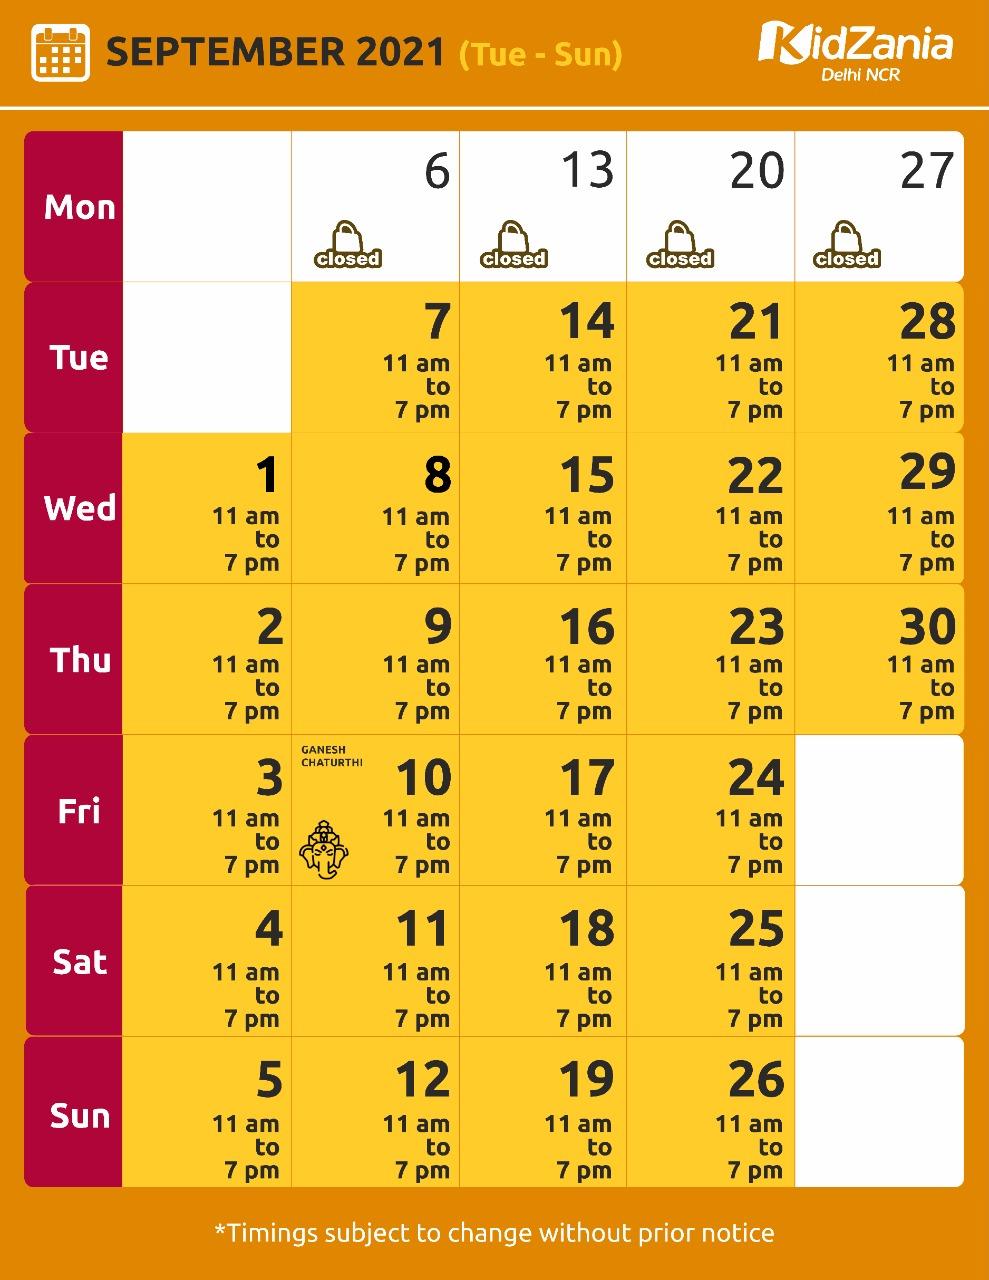 KidZania Delhi NCR September 2021 Calendar